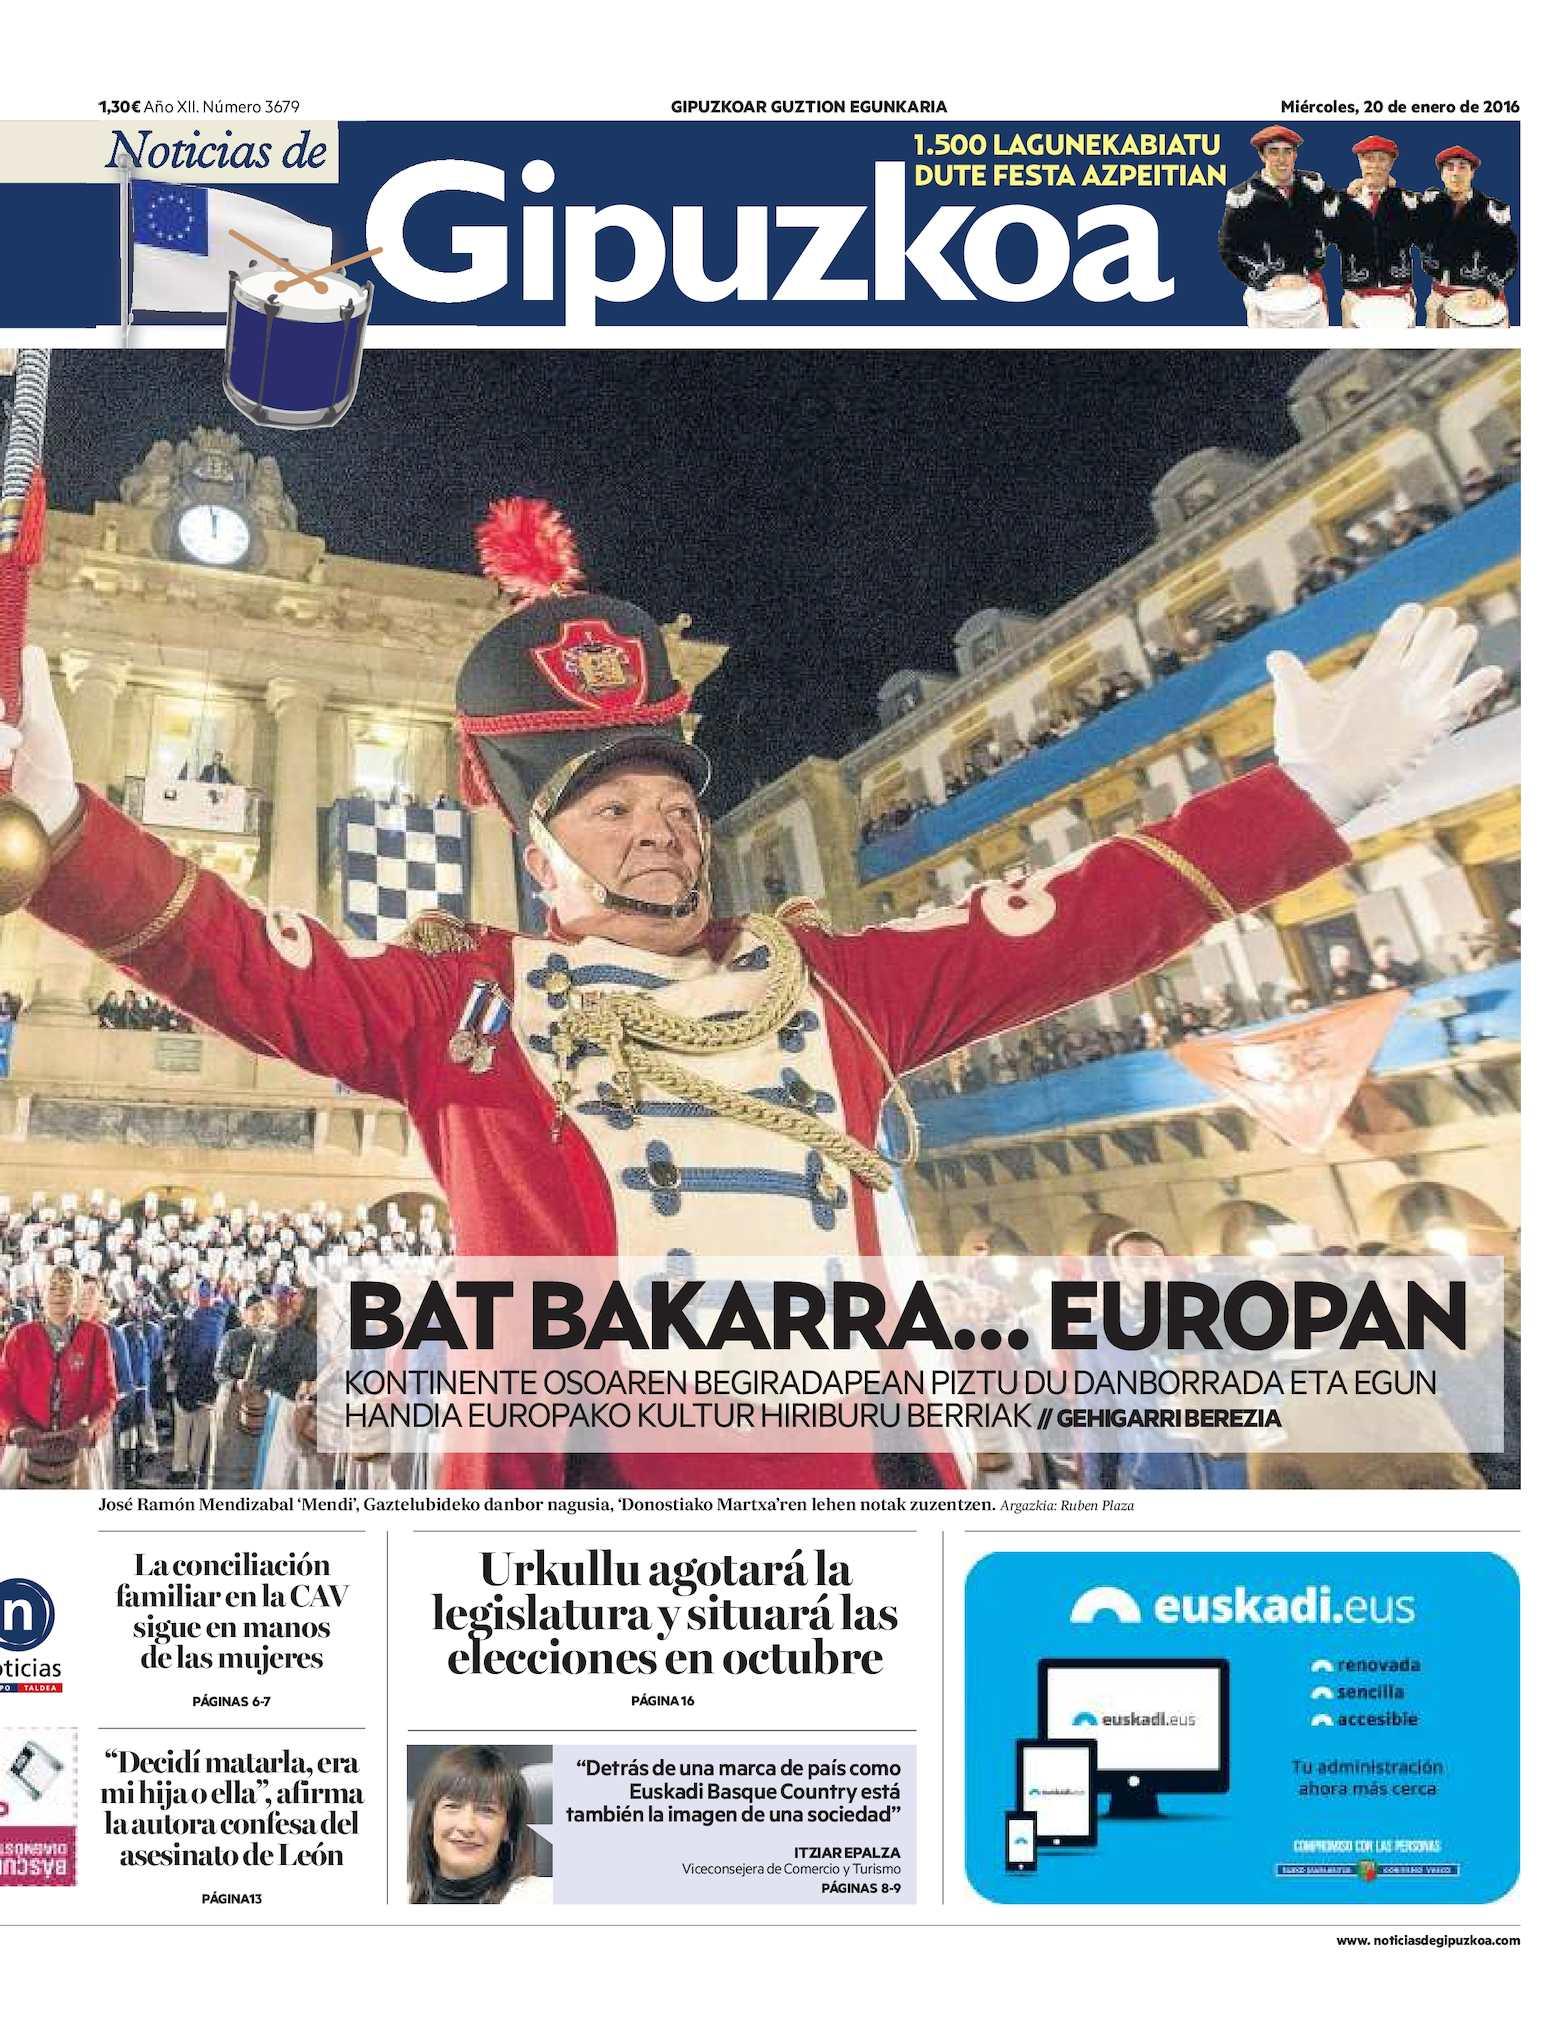 dd8d884e1 Calaméo - Noticias de Gipuzkoa 20160120